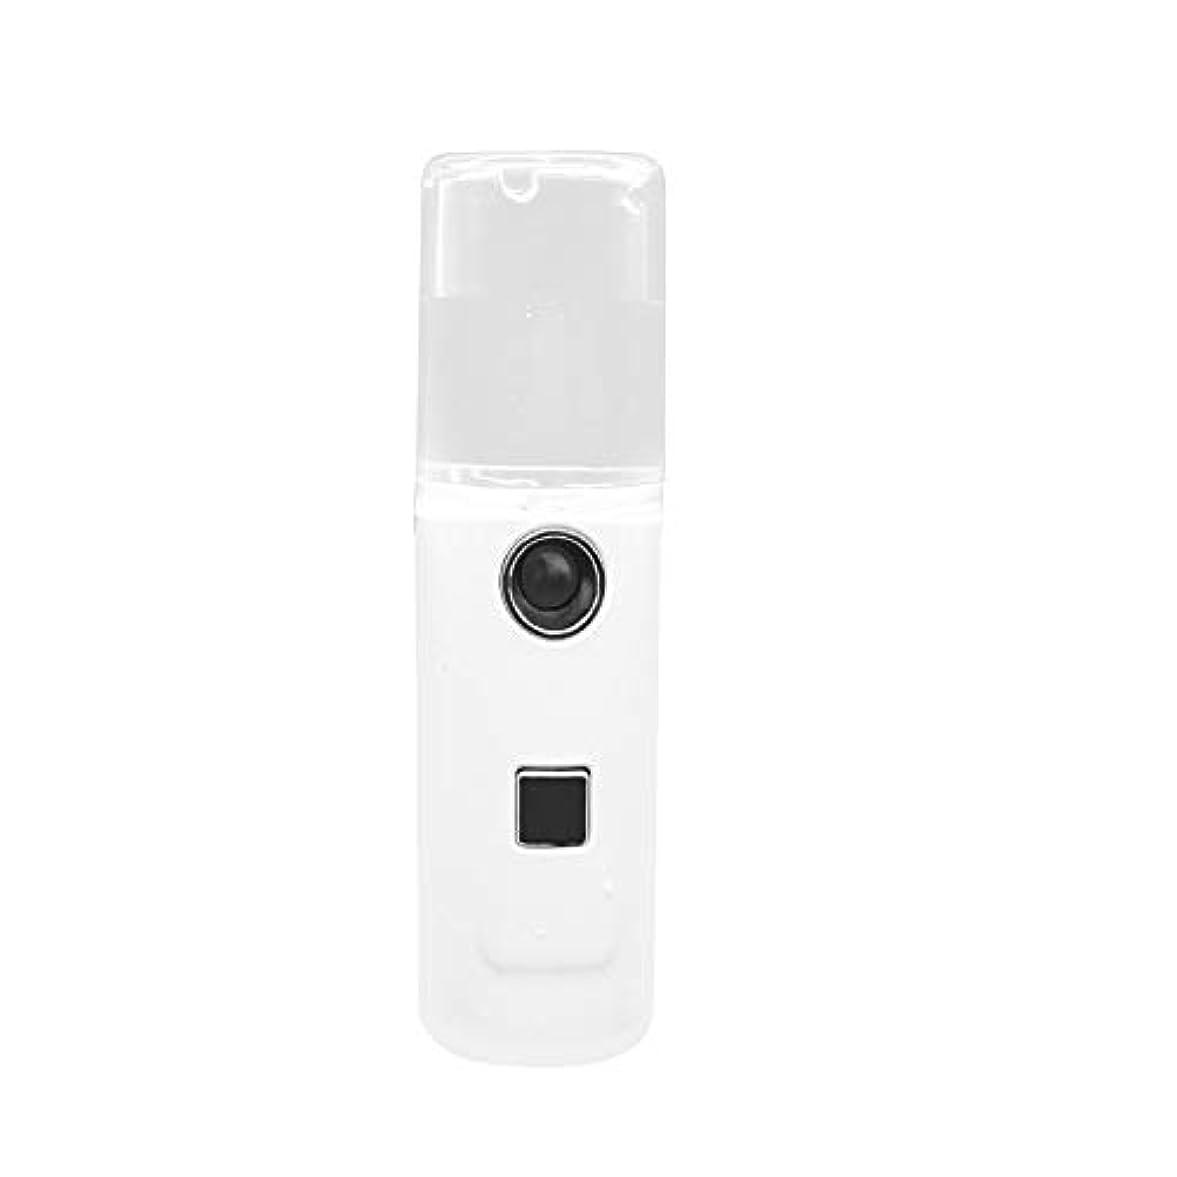 マイナーレザー感情のIku夫 使いやすいナノスプレー保湿器美容保湿器加湿器車用スプレーヤーUSB充電トレジャーモイスチャライザーホワイト透明